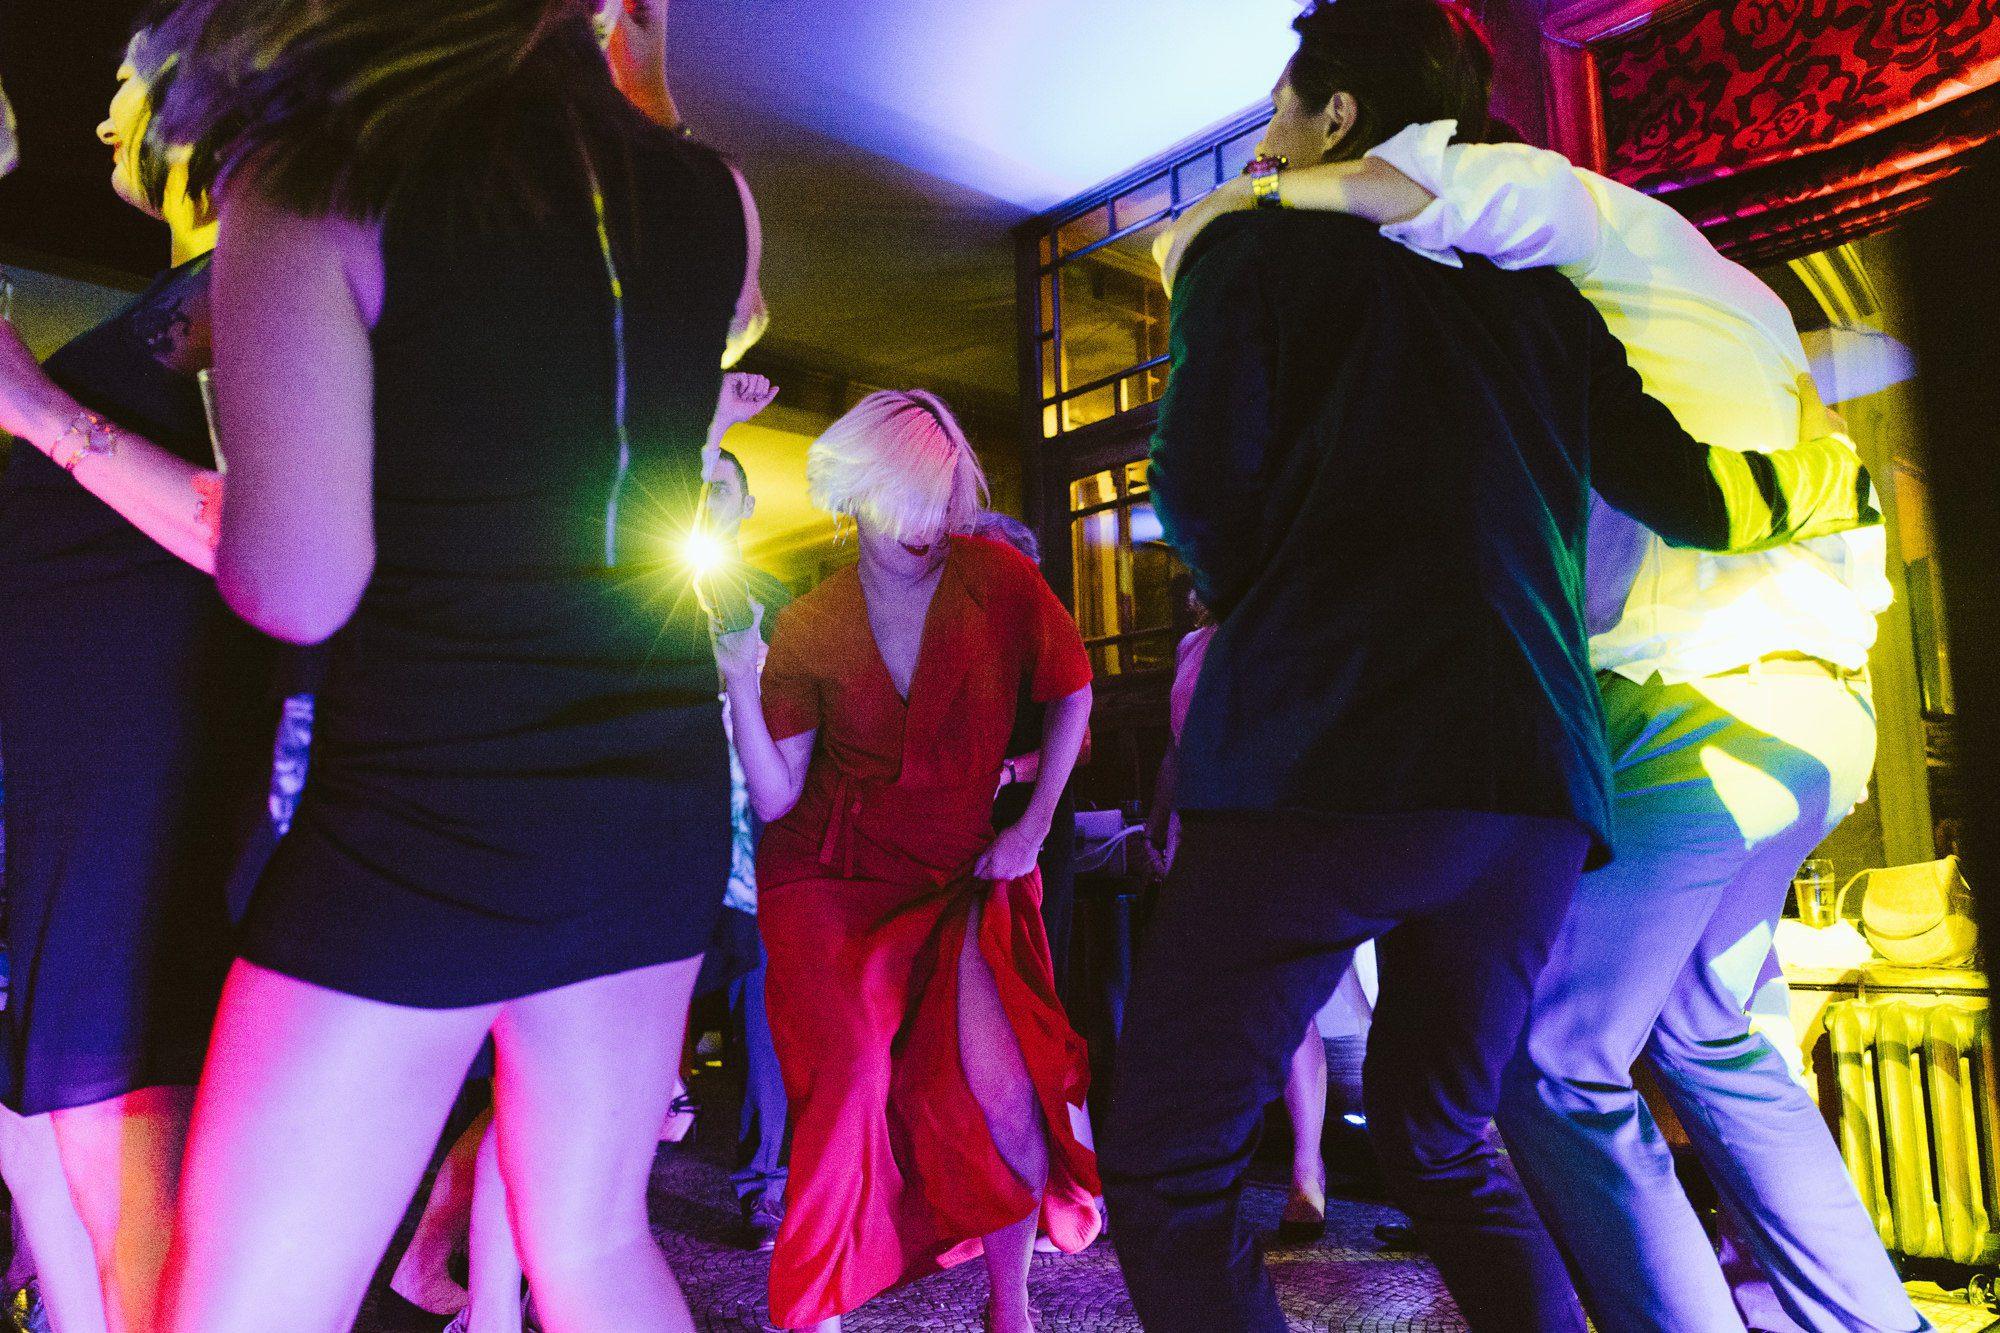 dancefloor belle epoque